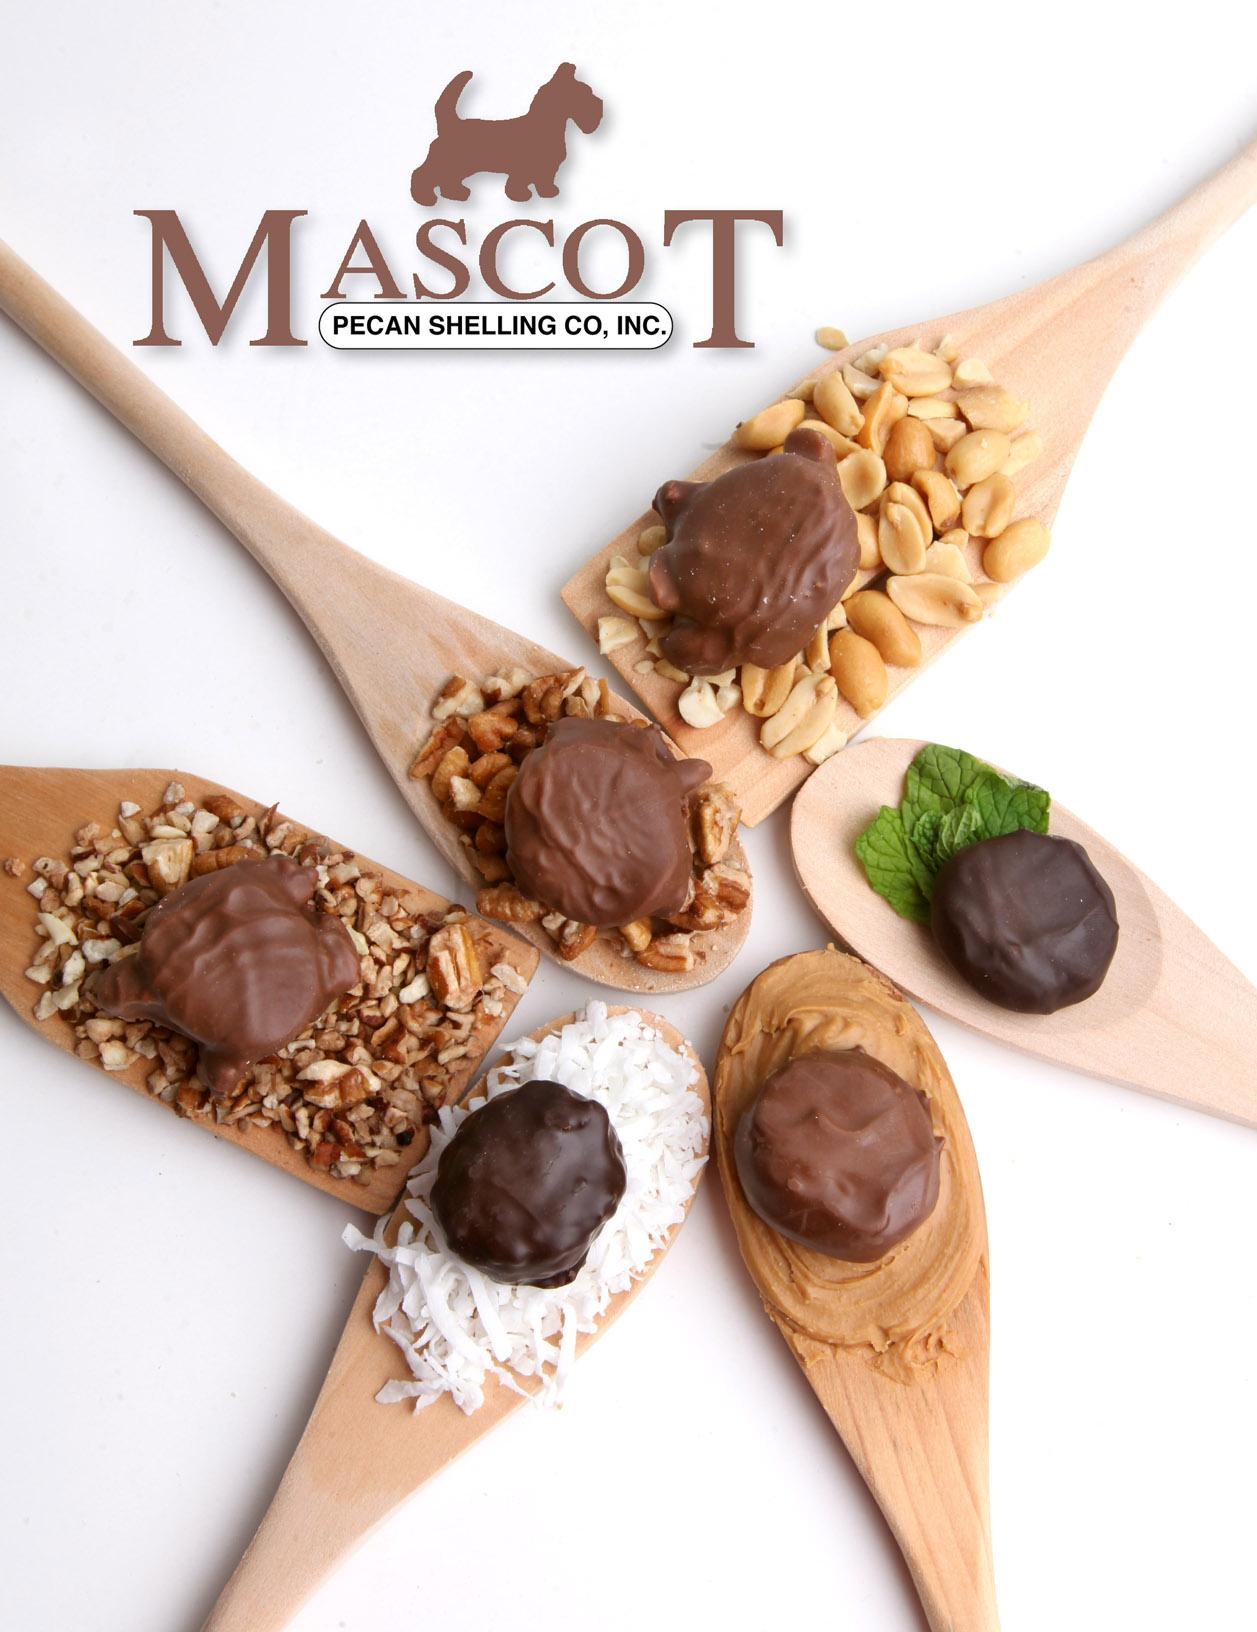 MascotCover1.jpg